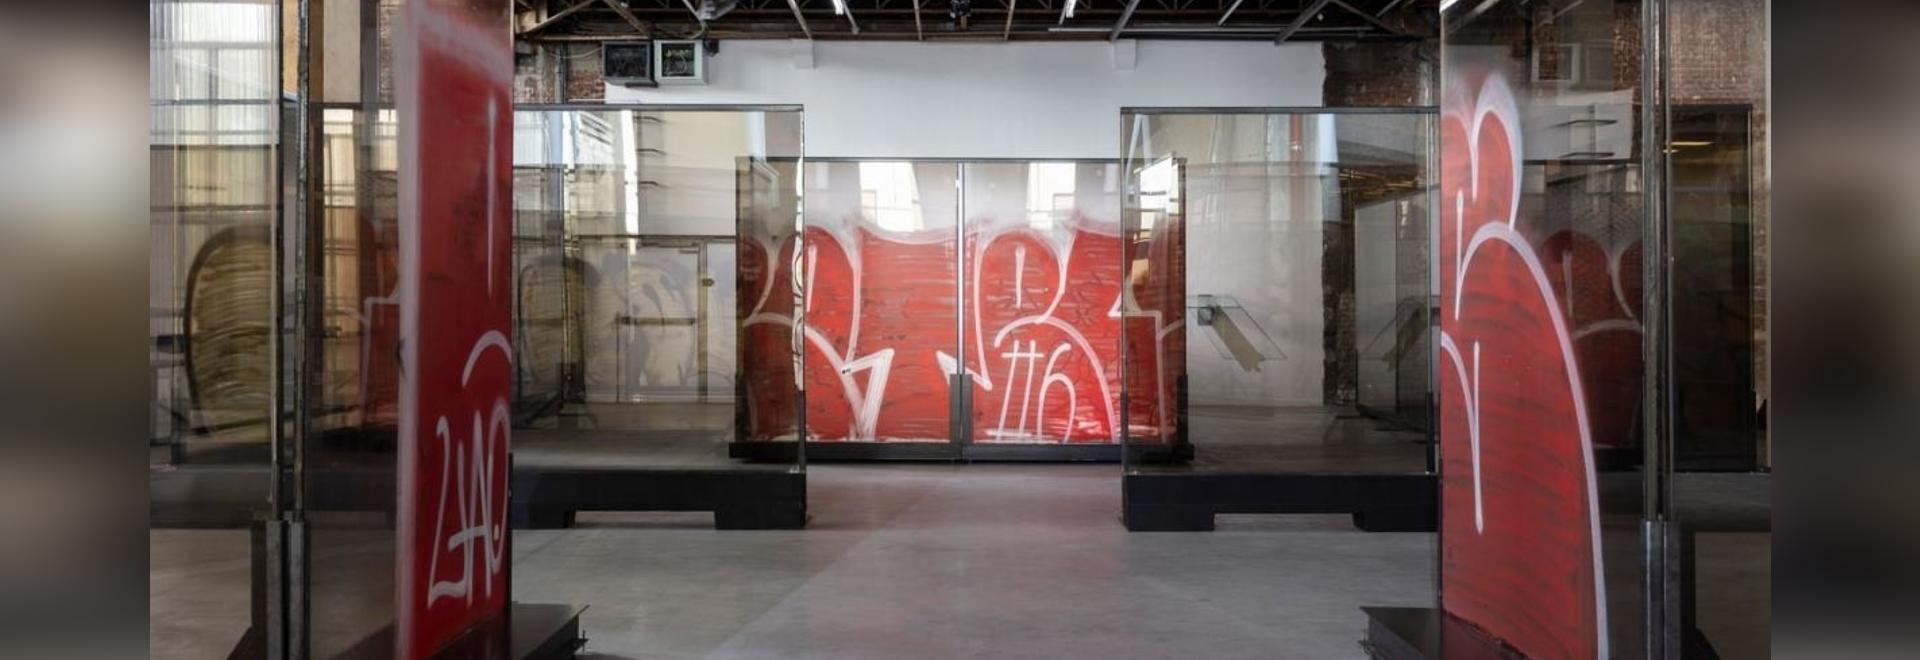 """Anne Imhof, """"Natures Mortes"""" (2021), vista della mostra, Palais de Tokyo, Parigi. Fotografia: Andrea Rossetti. Per gentile concessione dell'artista, Galerie Buchholz e Sprüth Magers"""